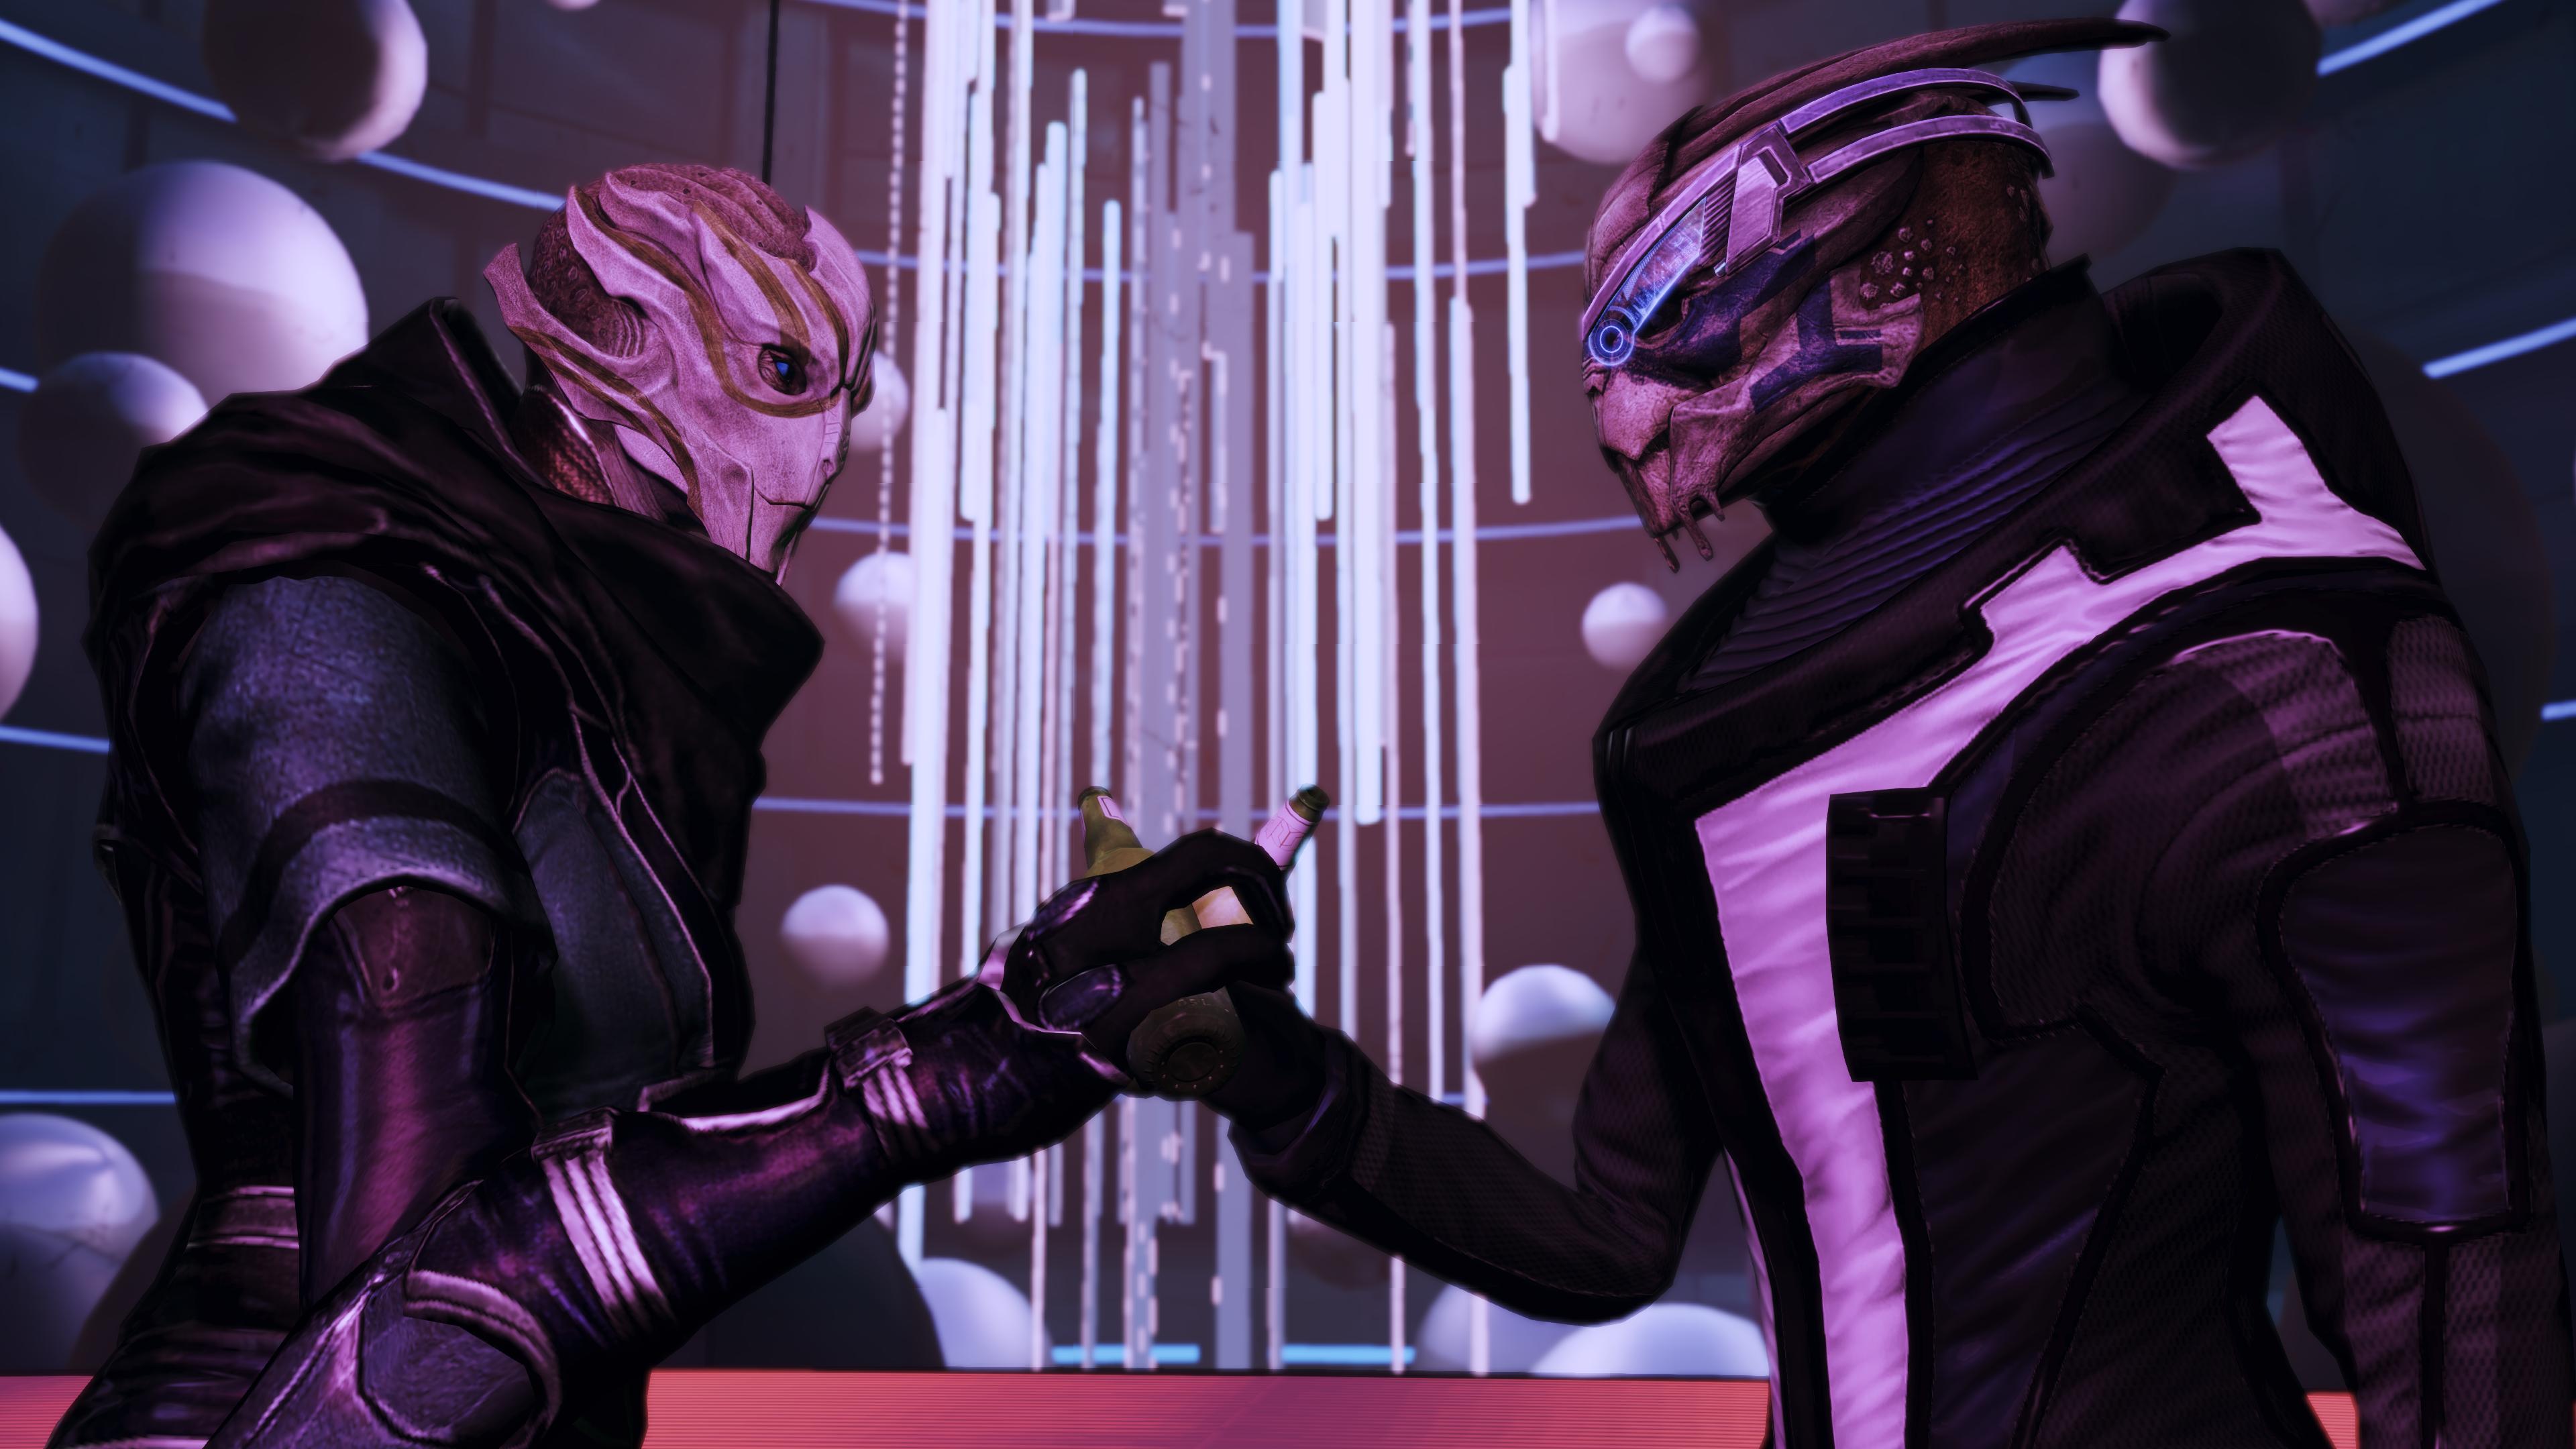 Turian | Mass Effect Wiki | FANDOM powered by Wikia